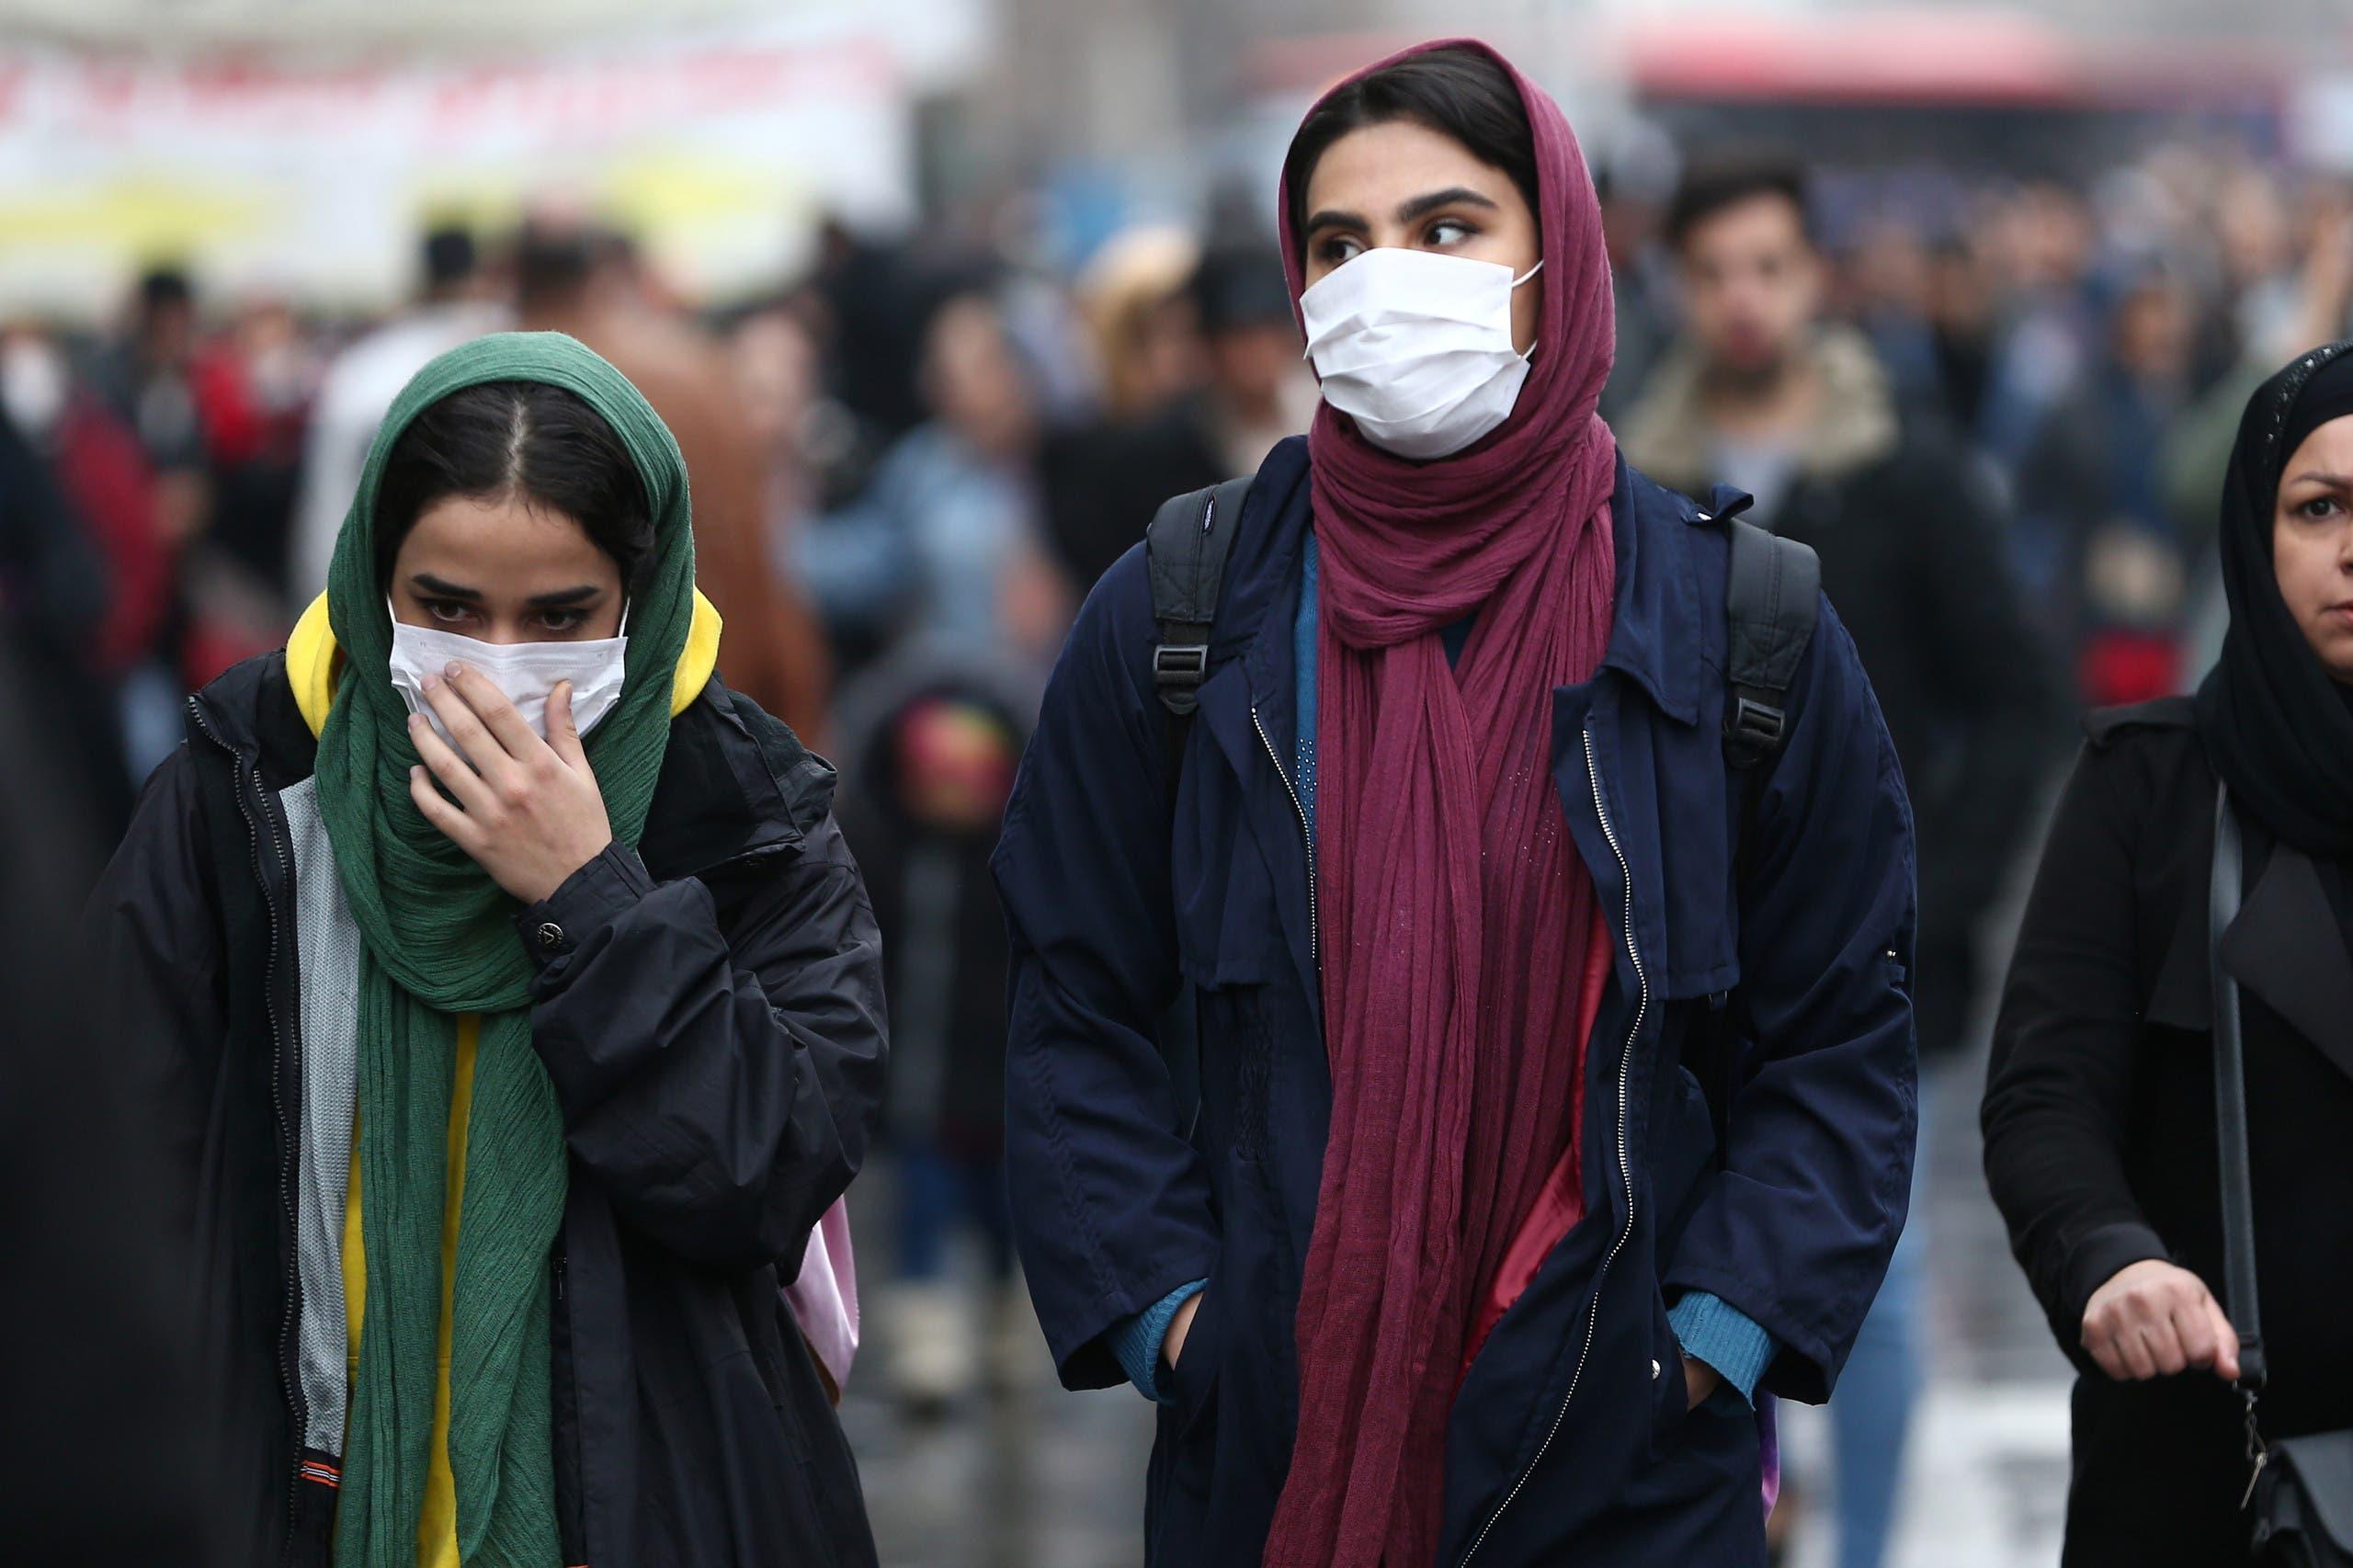 بعد الإغلاق العام بسبب كورونا «متلازمة الكوخ» تصيب مليوني شخص بإيطاليا